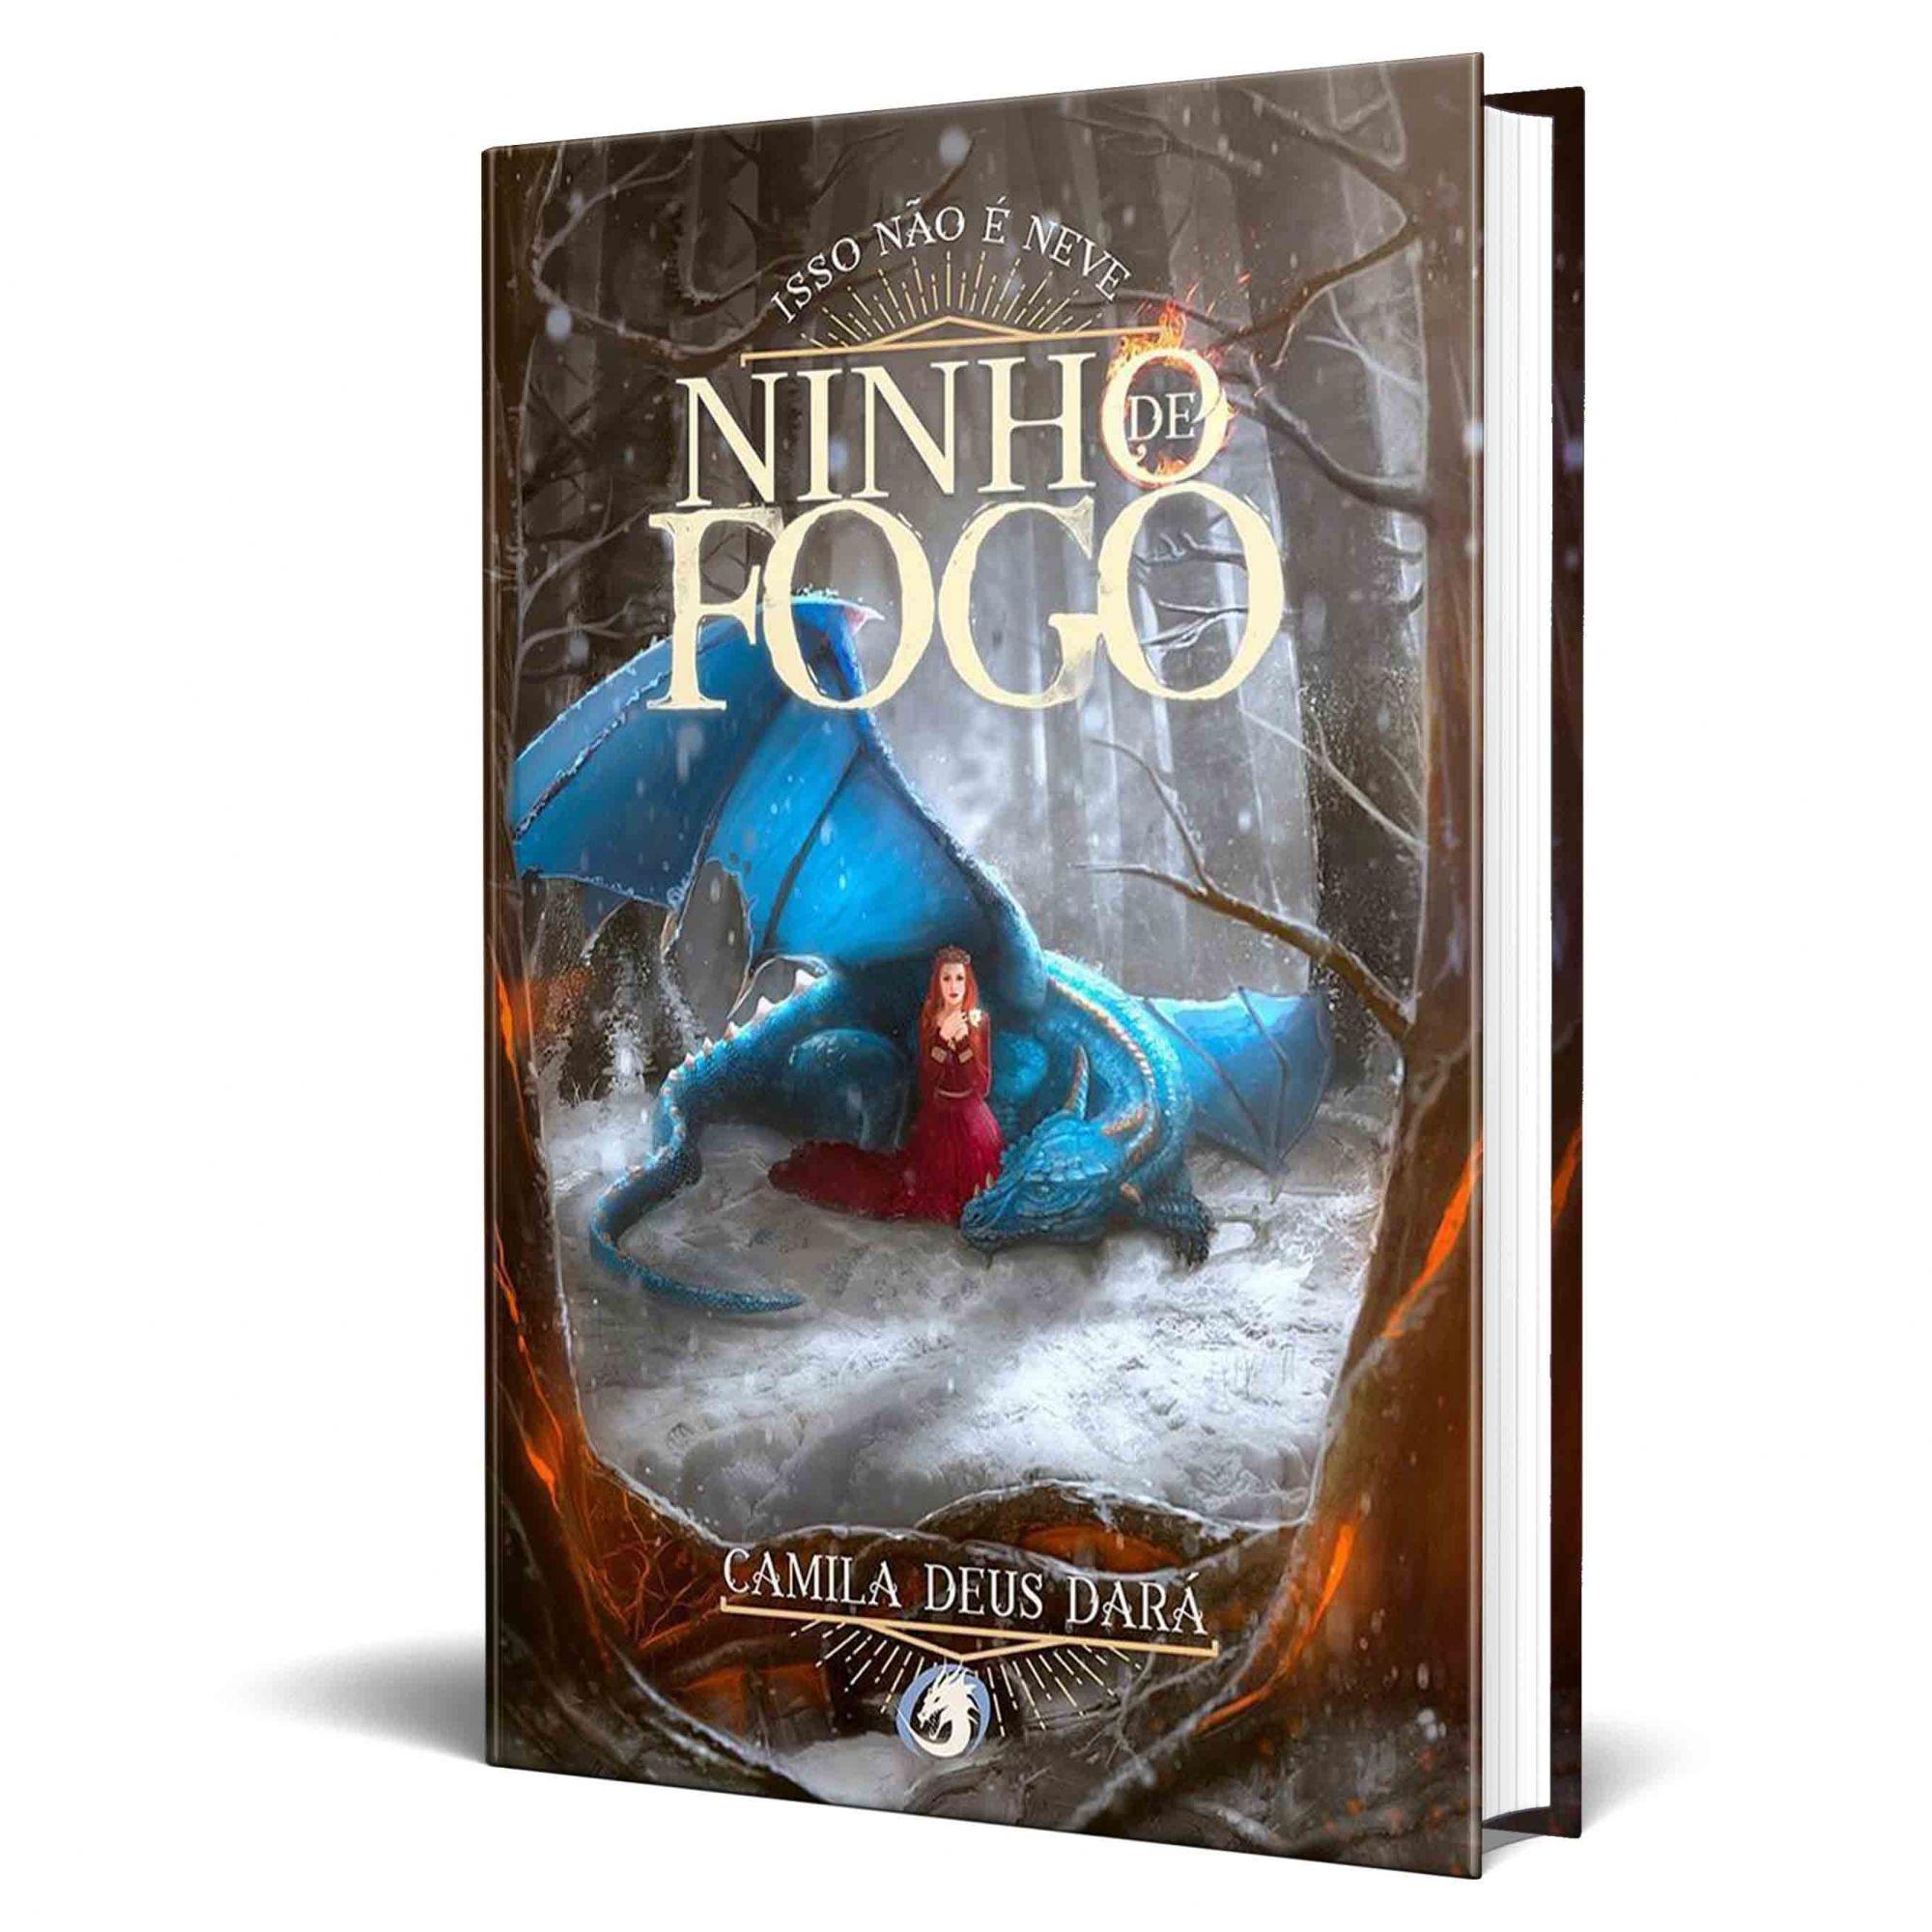 Livro Isso Não é Neve - Volume 3 da Trilogia Ninho de Fogo